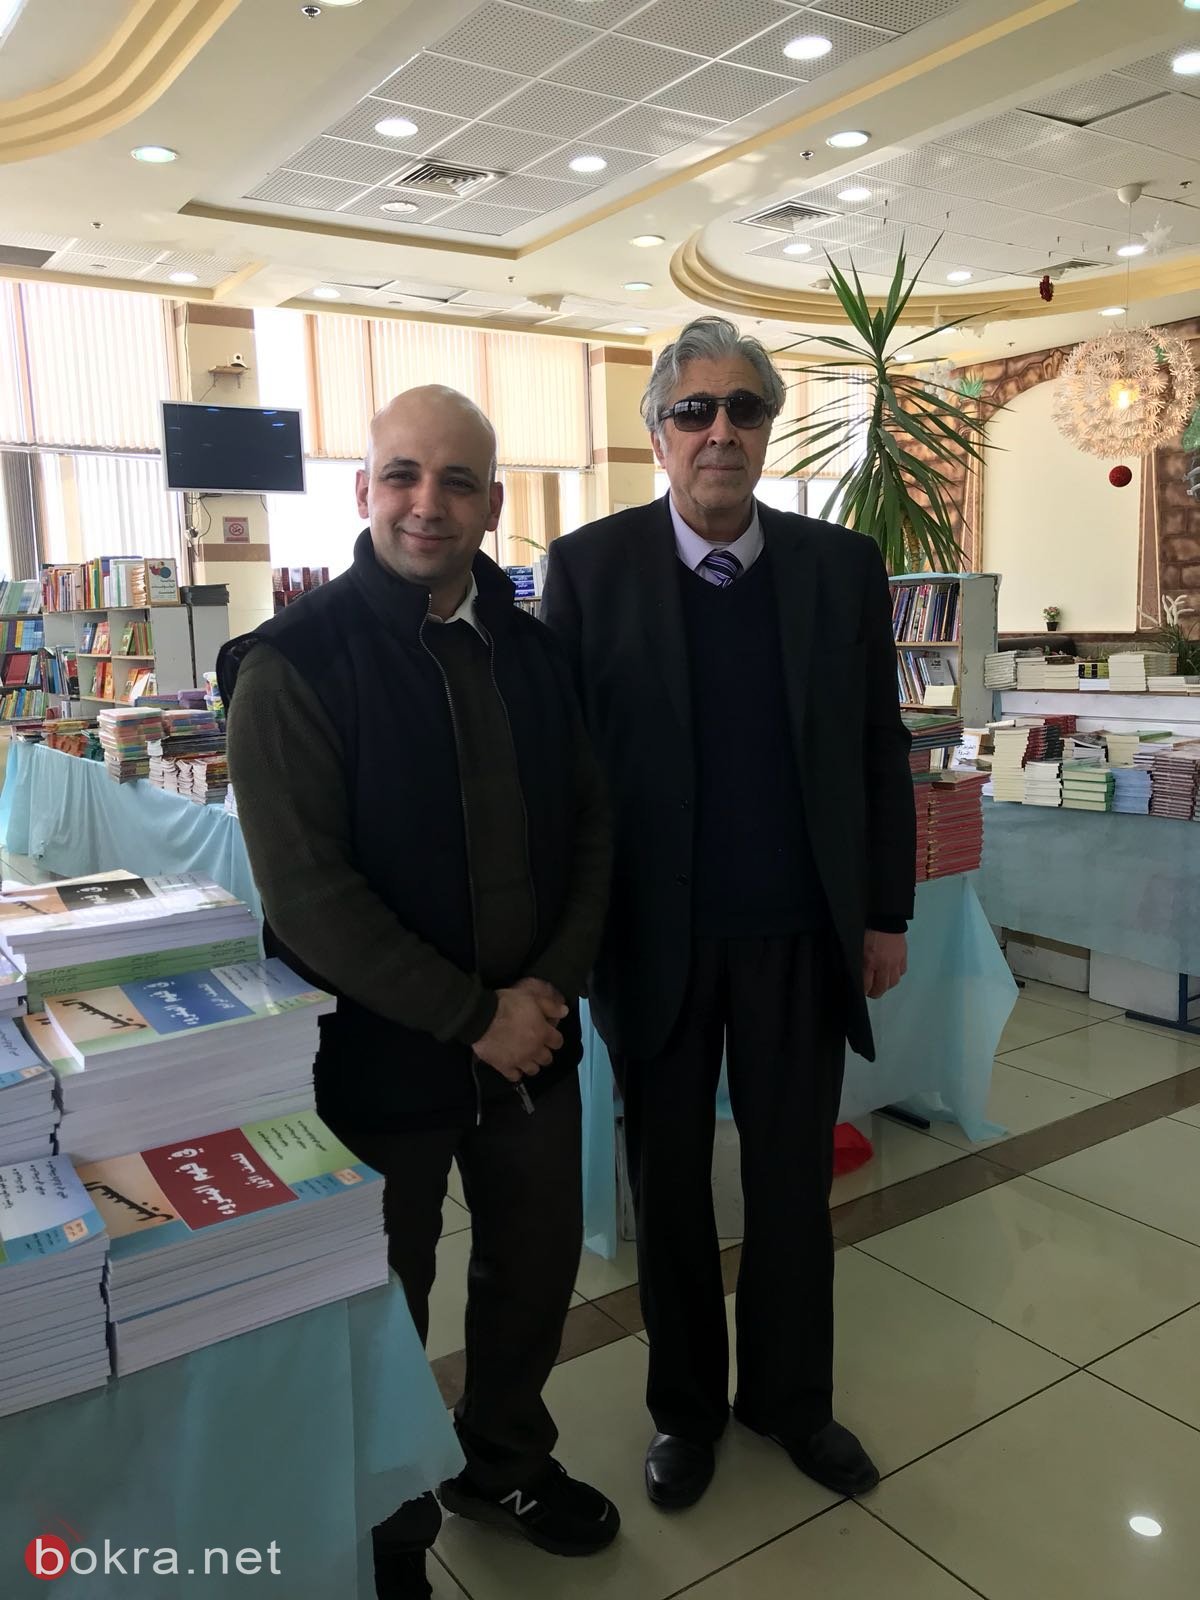 معرض الكتاب في كنيون كنعان- يركا يحقق نجاحاً كبيراً ، المستمر حتى السبت 10.3.18-6